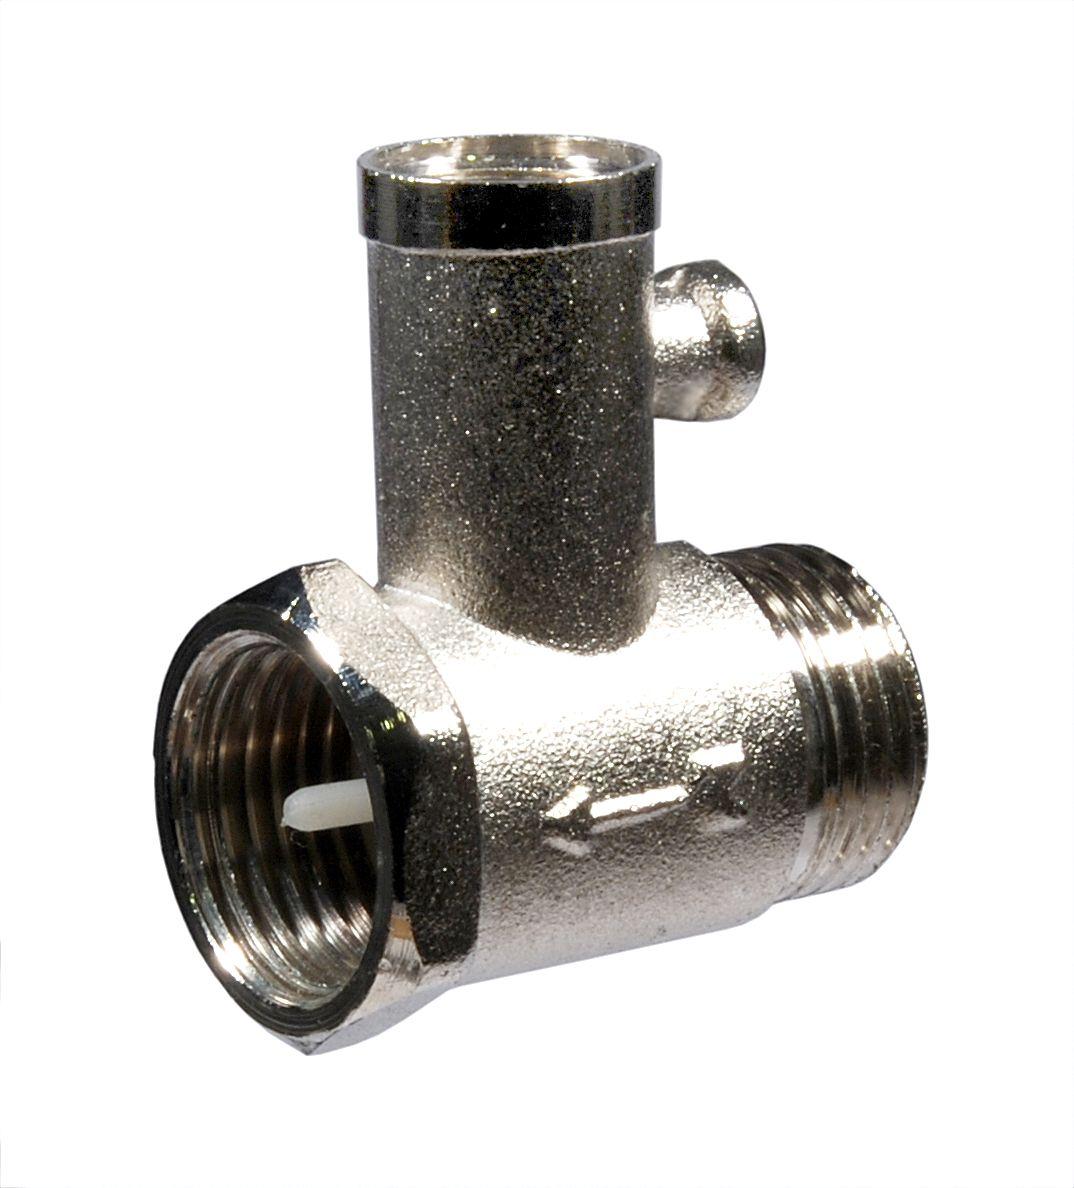 ventil pojistný pro tlakový ohřívač vody Ostatní